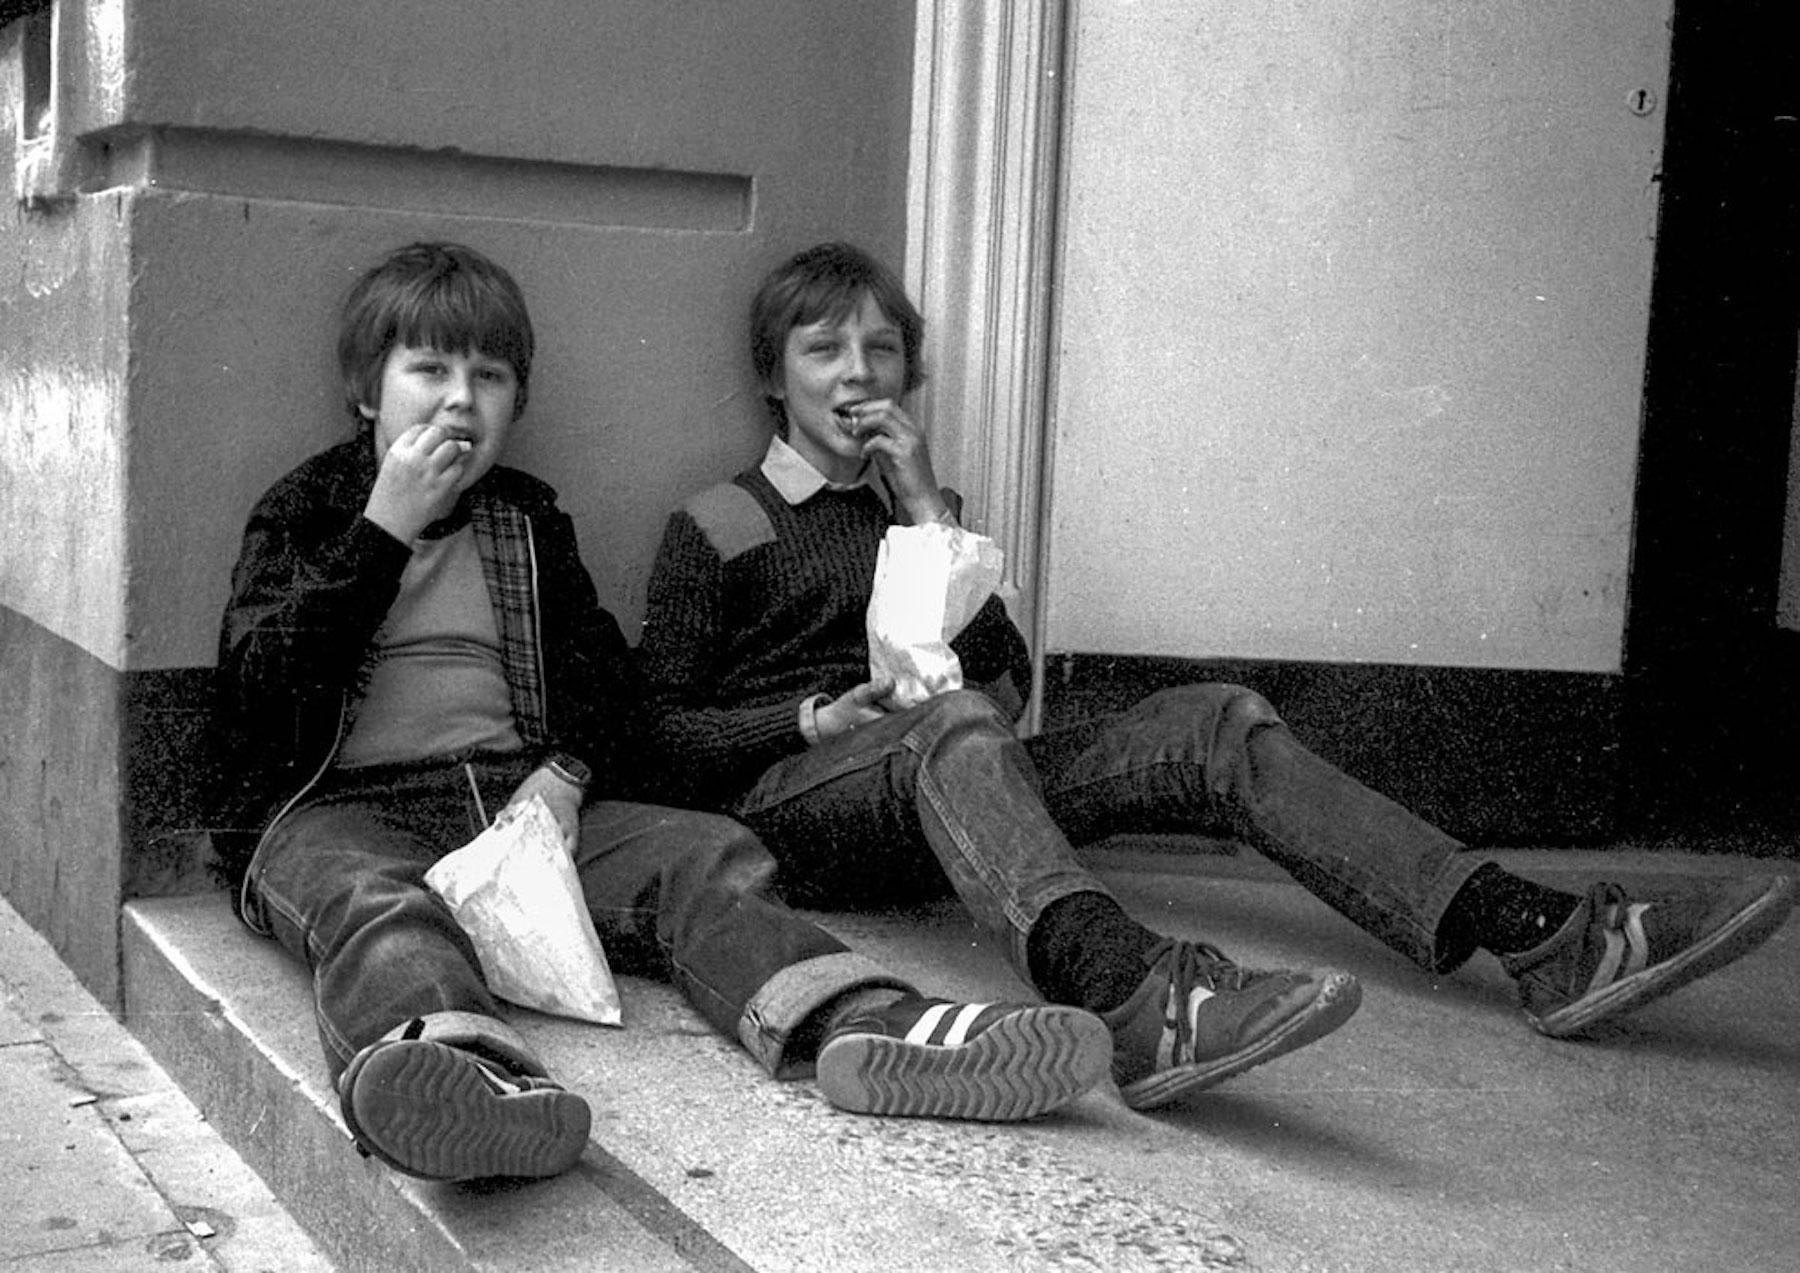 40 ans plus tard, Chris Porsz photographie les mêmes personnes au même endroit